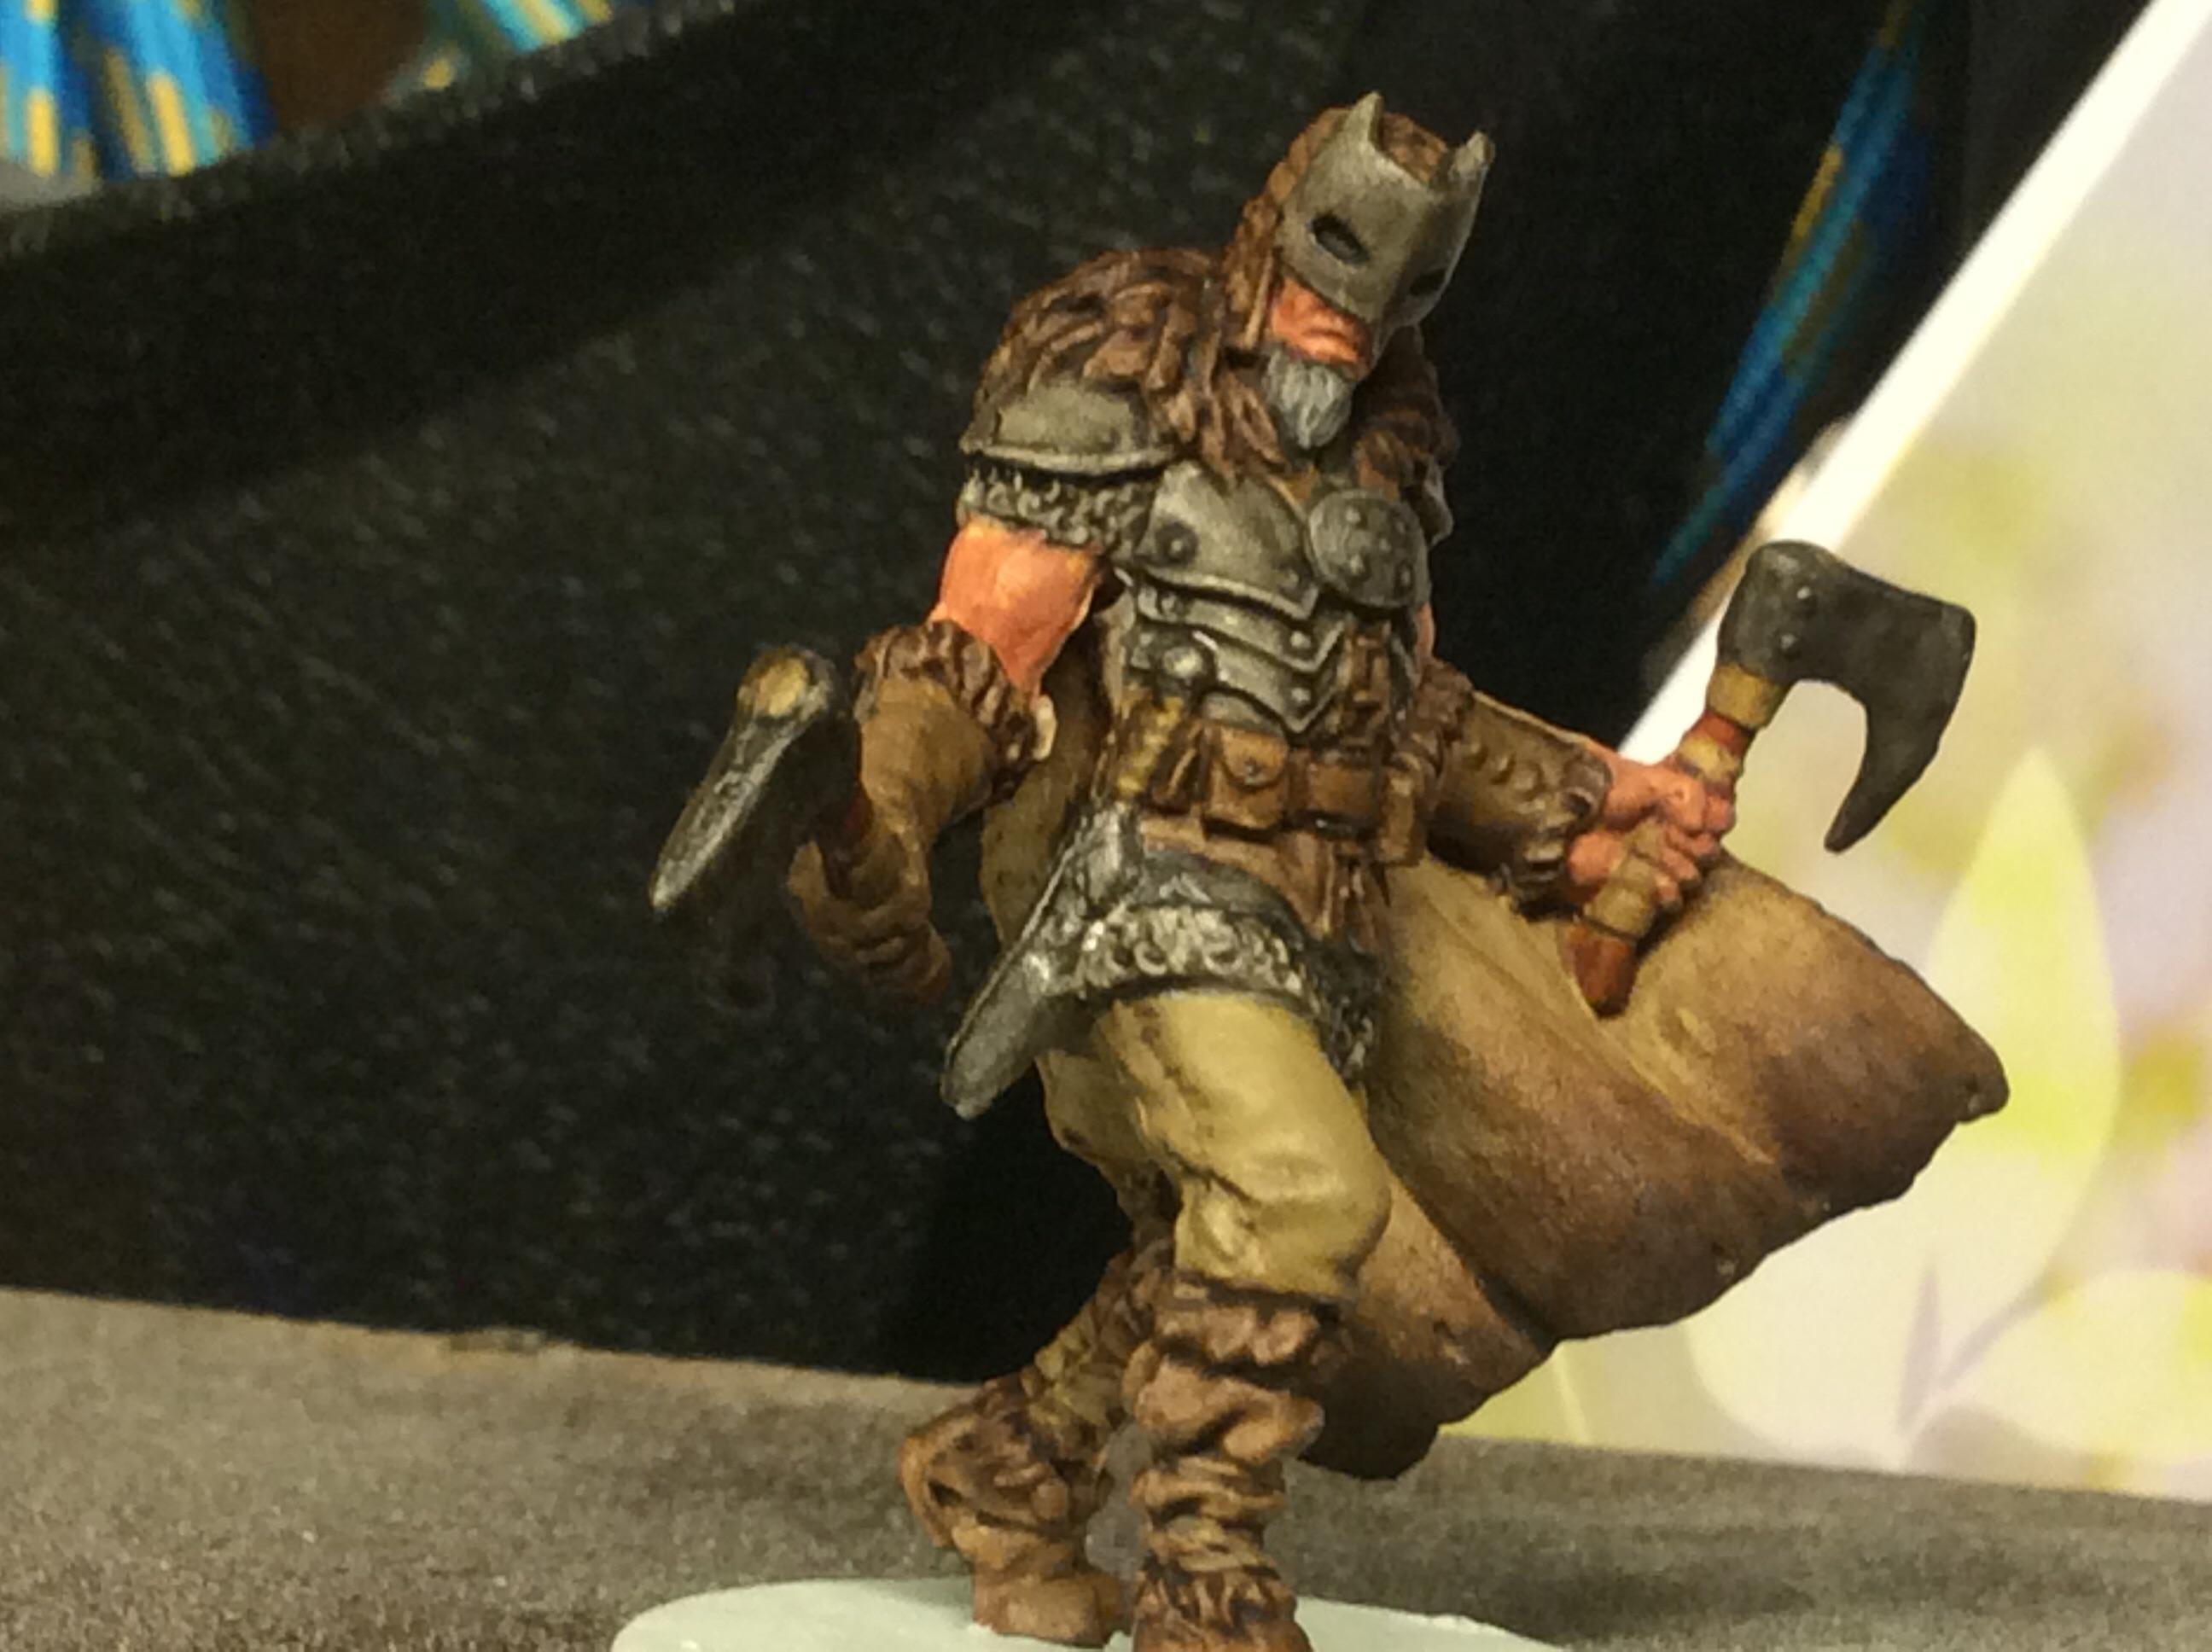 Batman, Cmon, Knights, Medieval, Superhero, Zombiecide